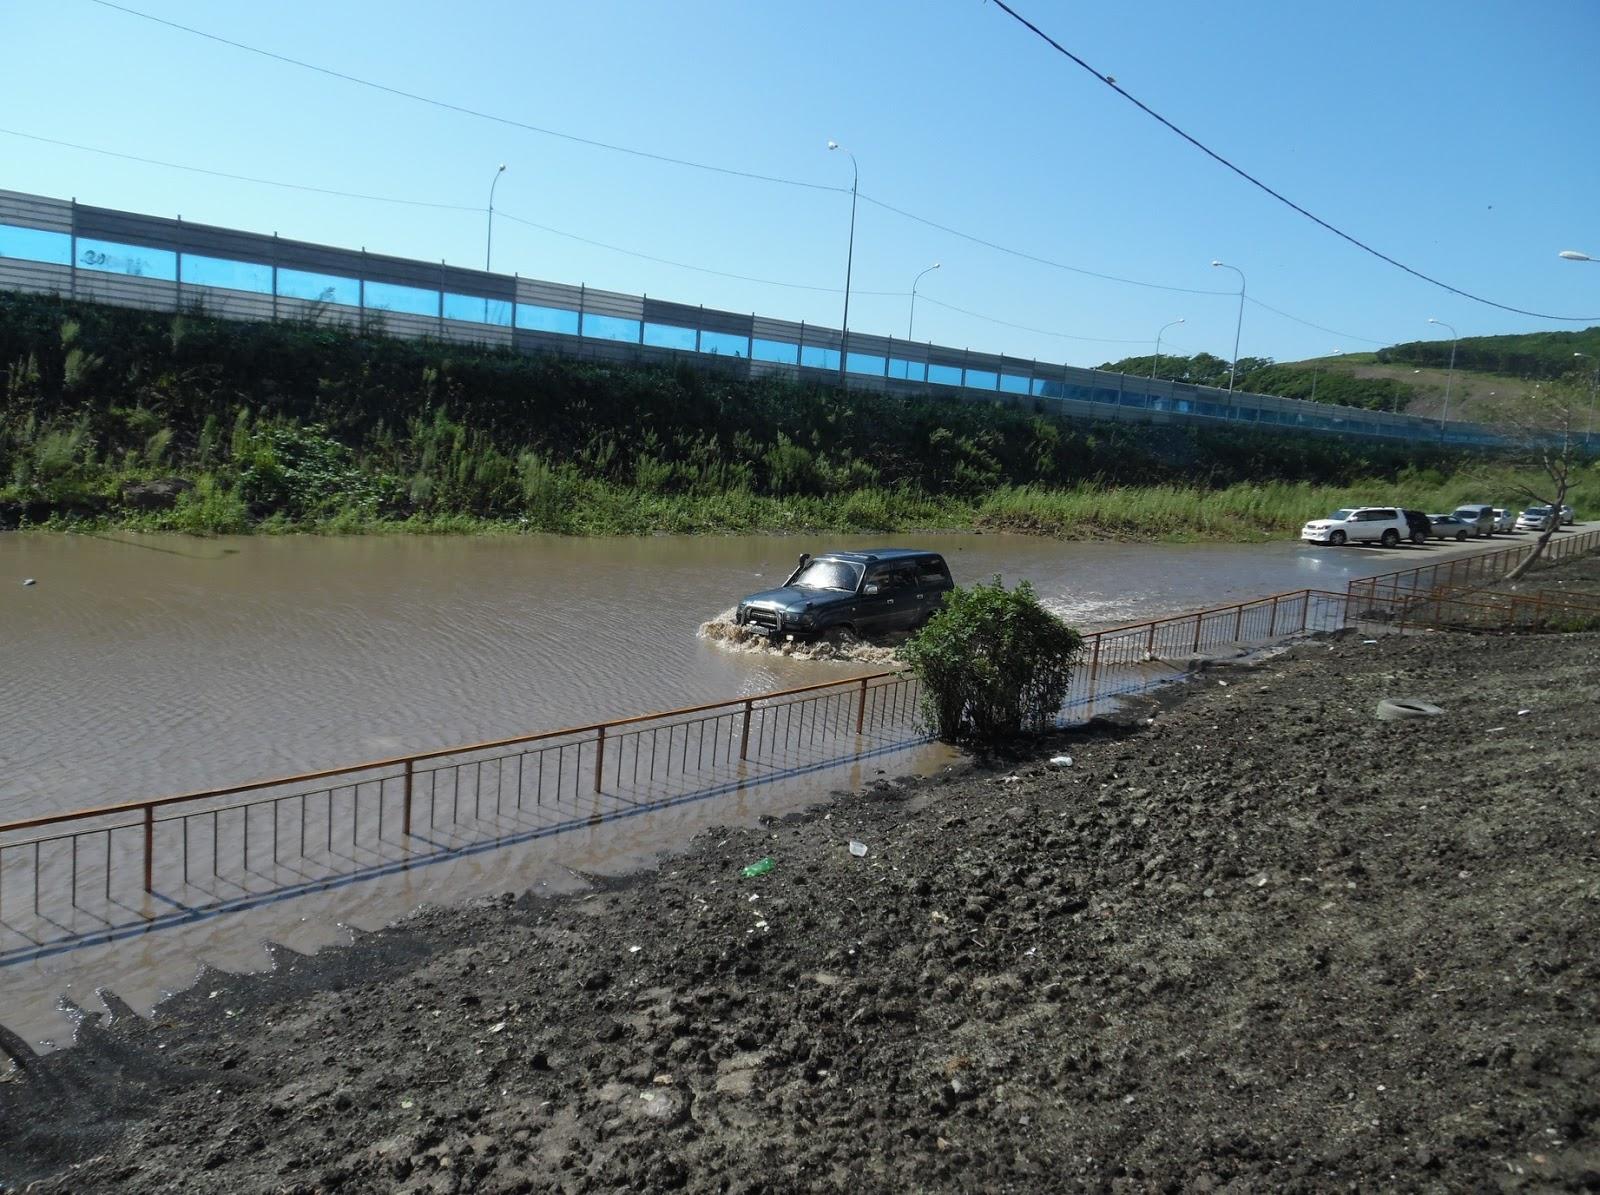 Внутреннее «море» площадью 4000 кв. м образовалось на месте одной из дорог Владивостока